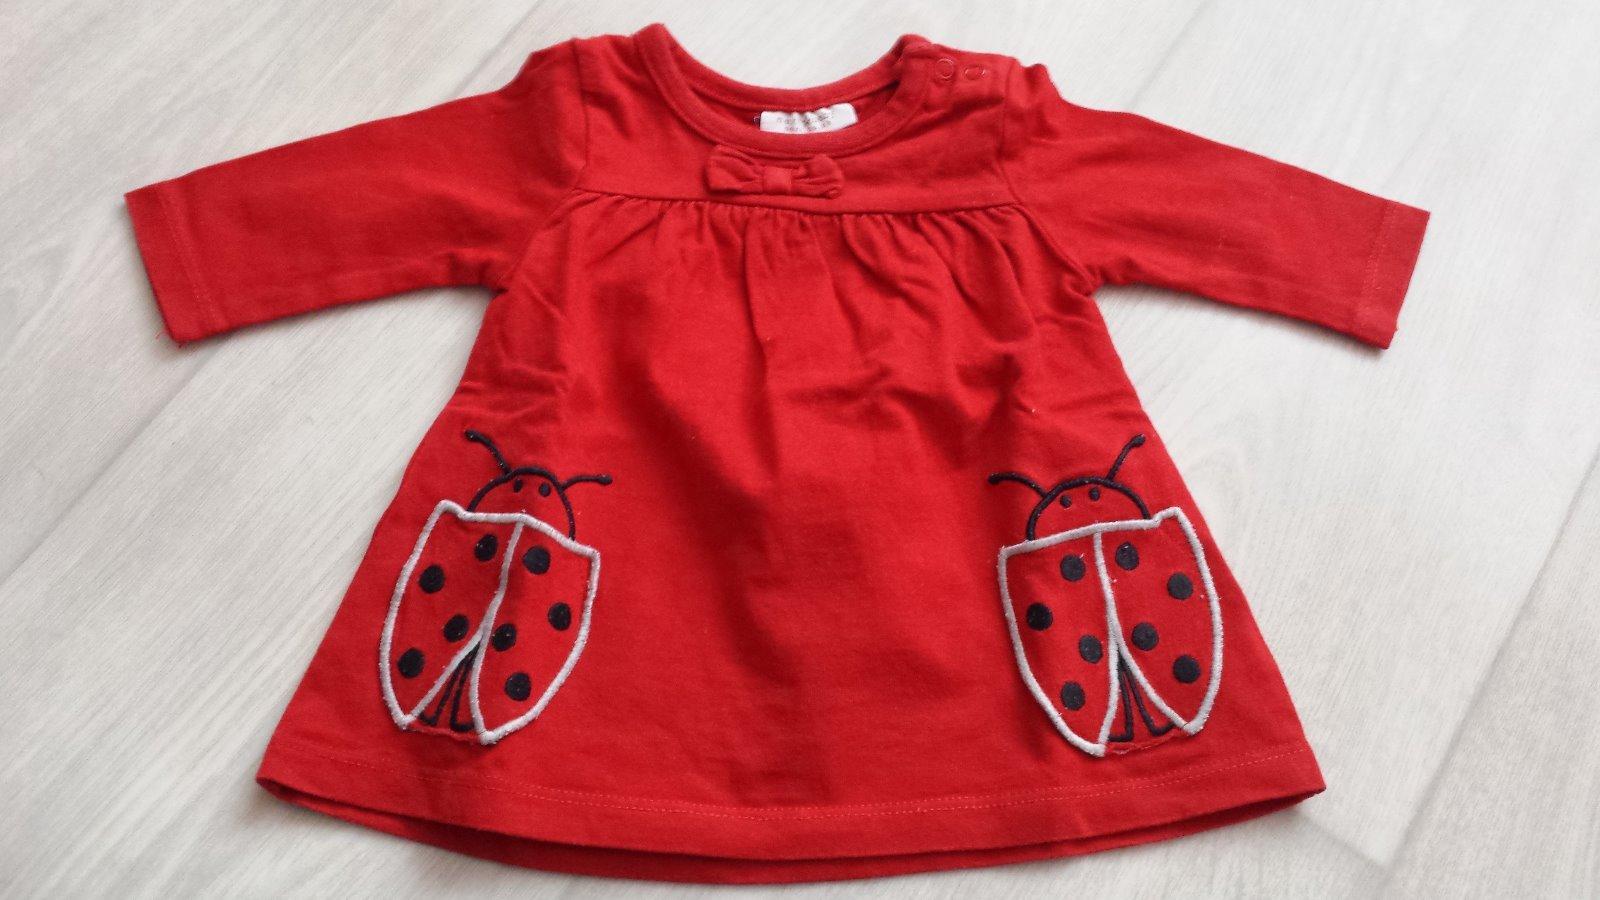 f1112a46851c Predám detské oblečenie - 0-6 mesiacov